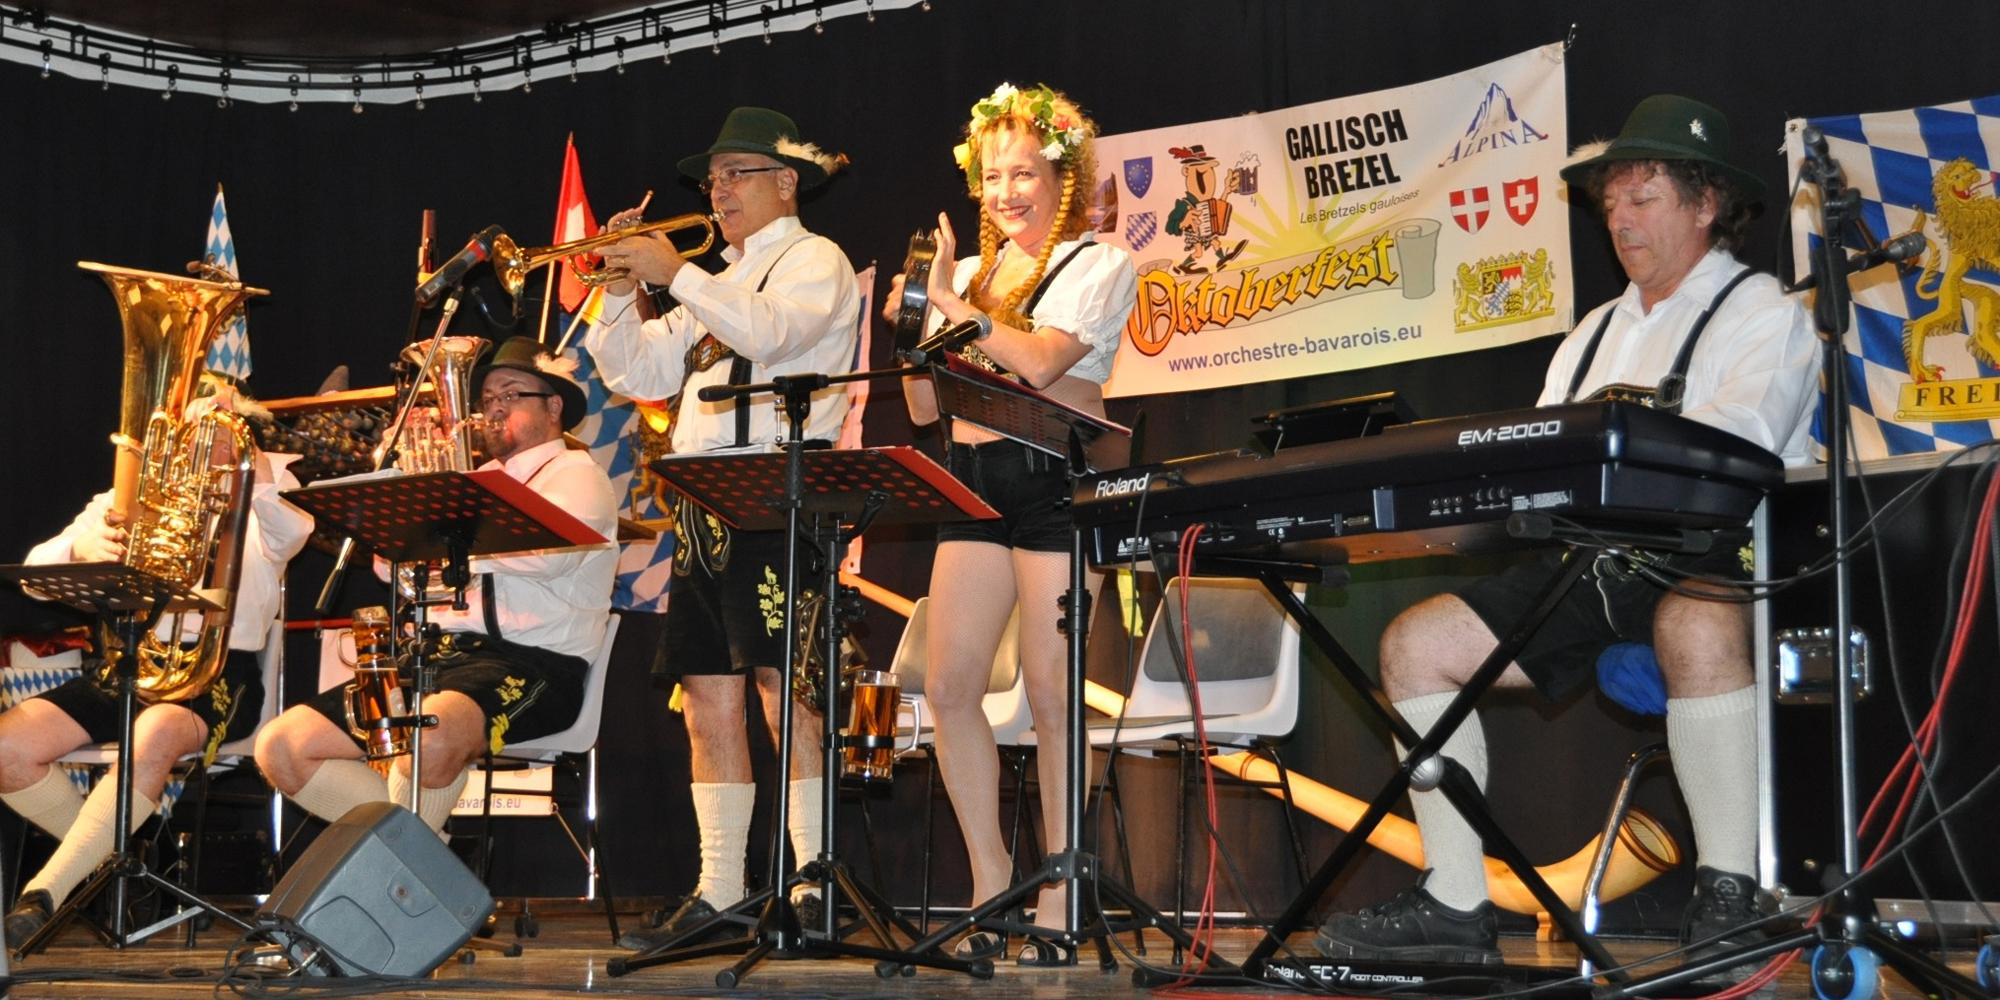 Garancières 78-2010-soirée bavaroise 2